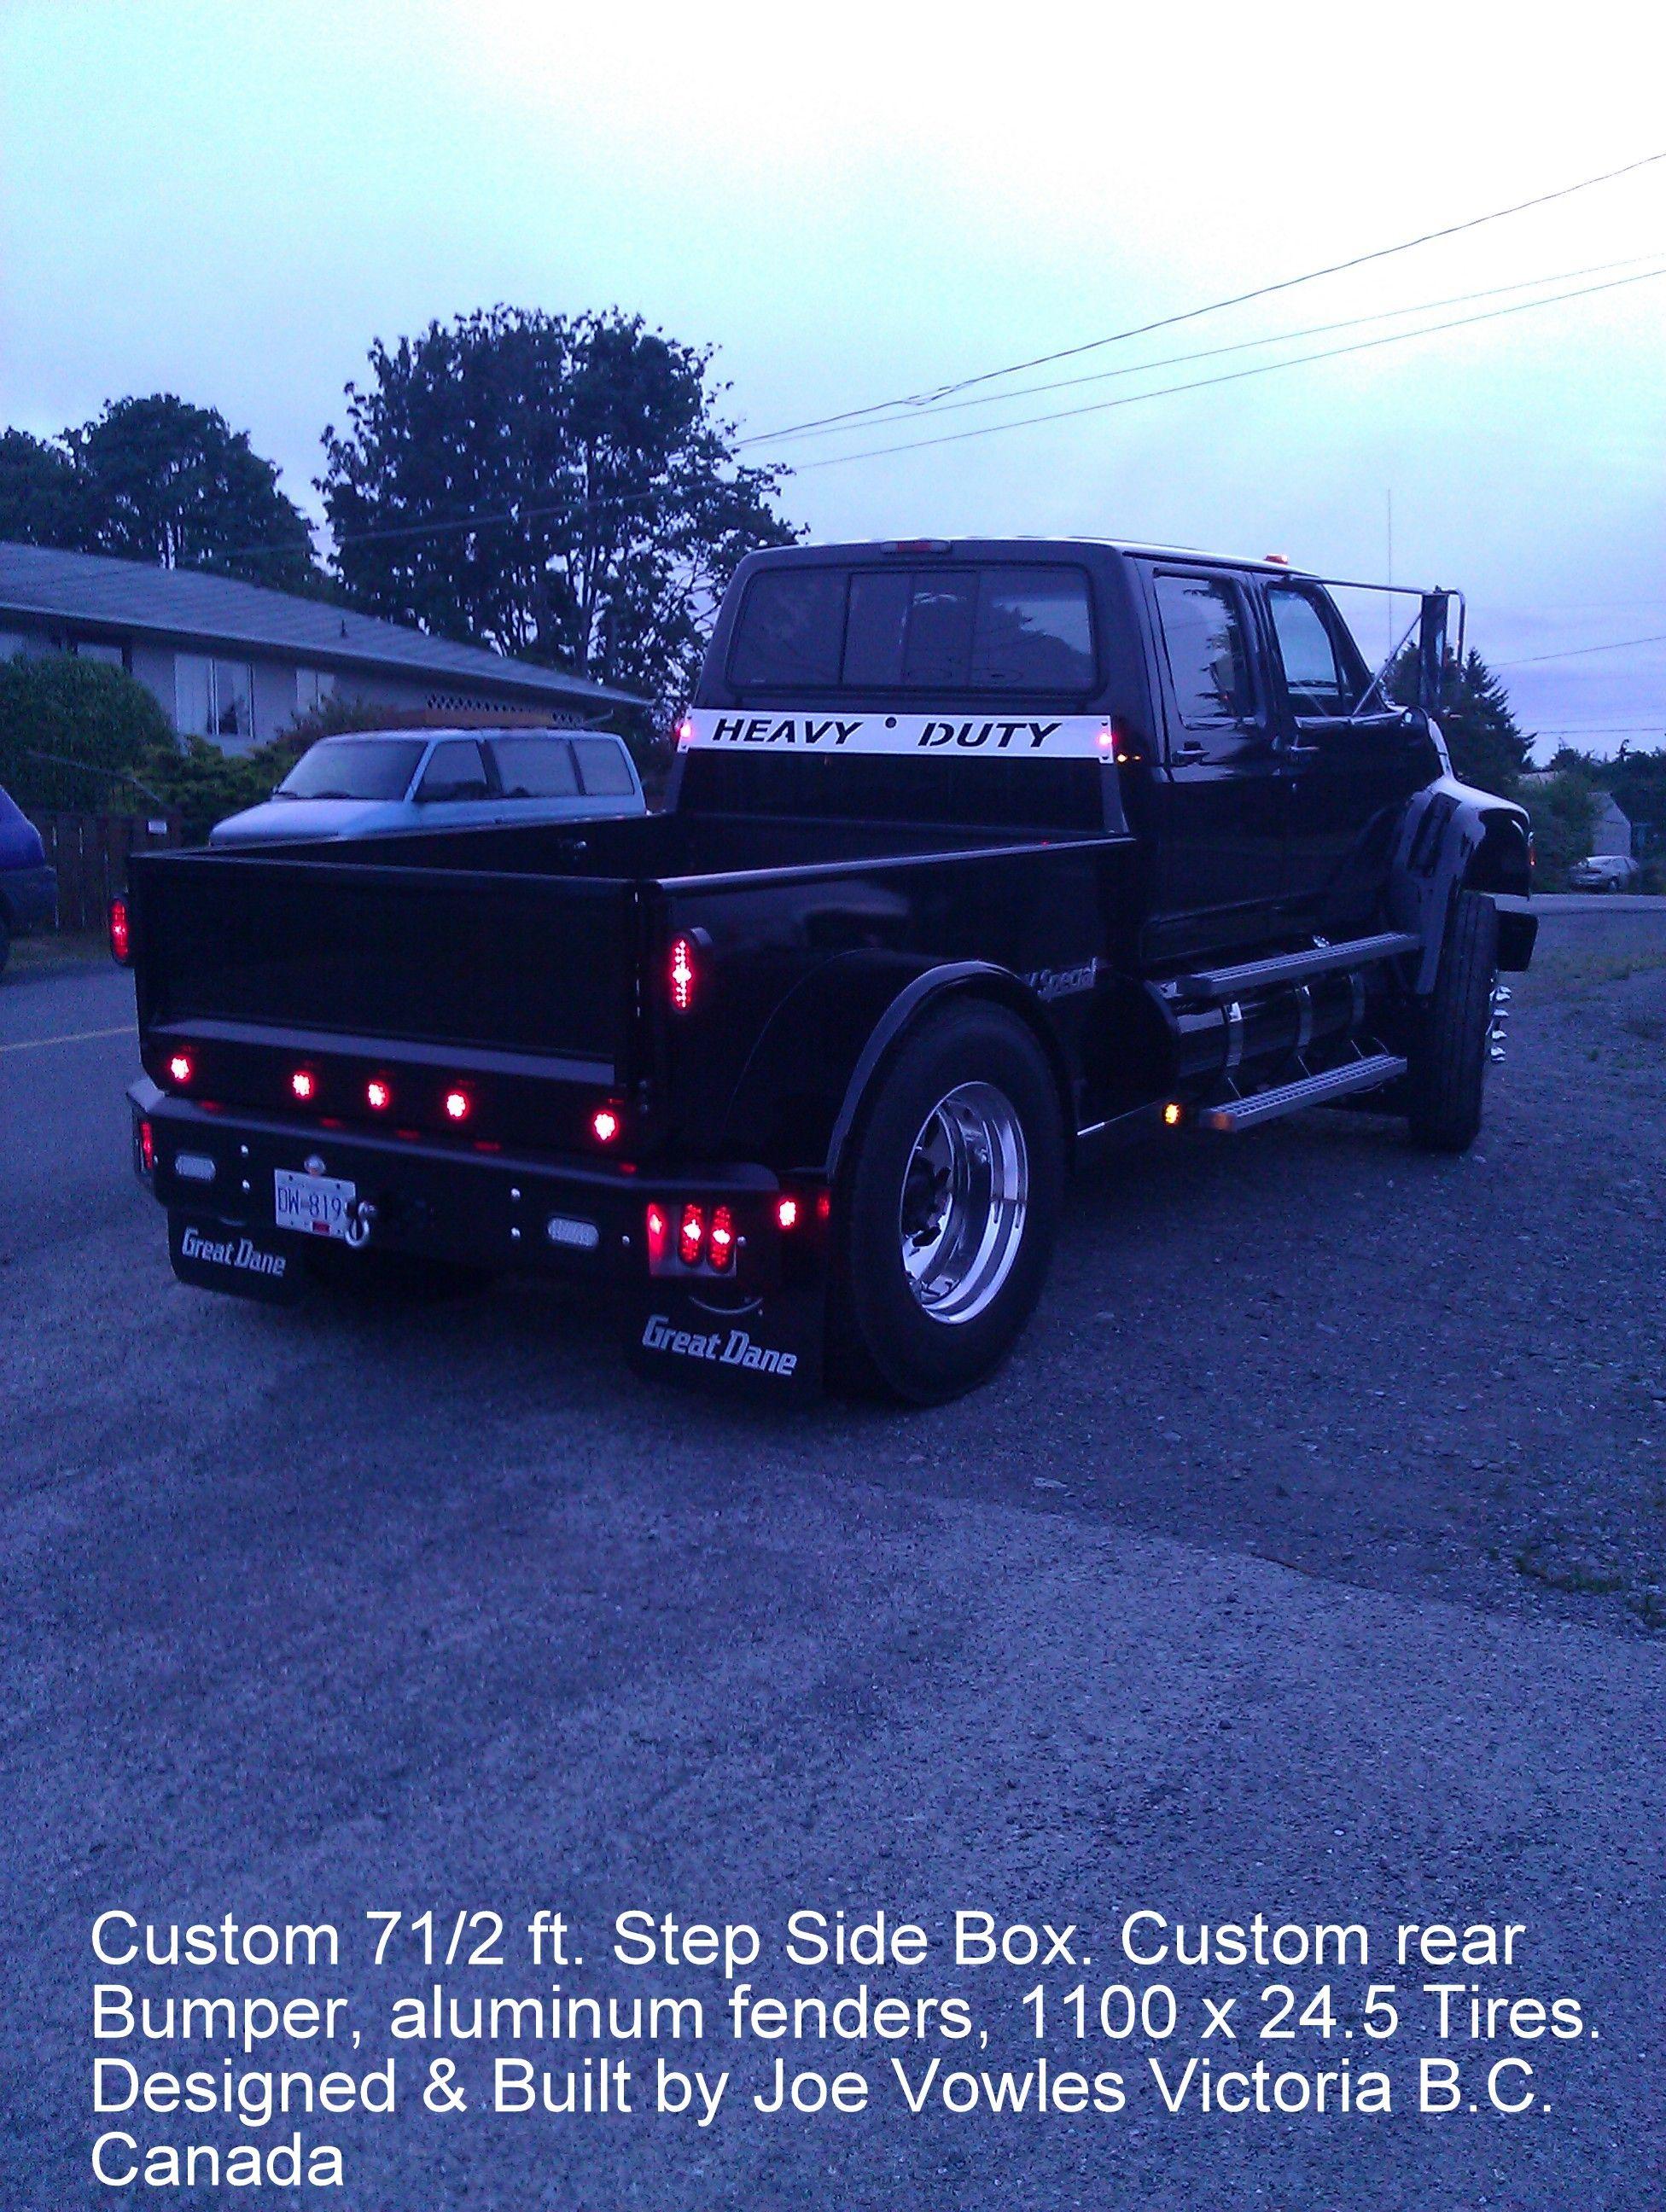 1998 Ford F800 - Custom Jacked Up Trucks, Ford Trucks, Small Trucks, Custom